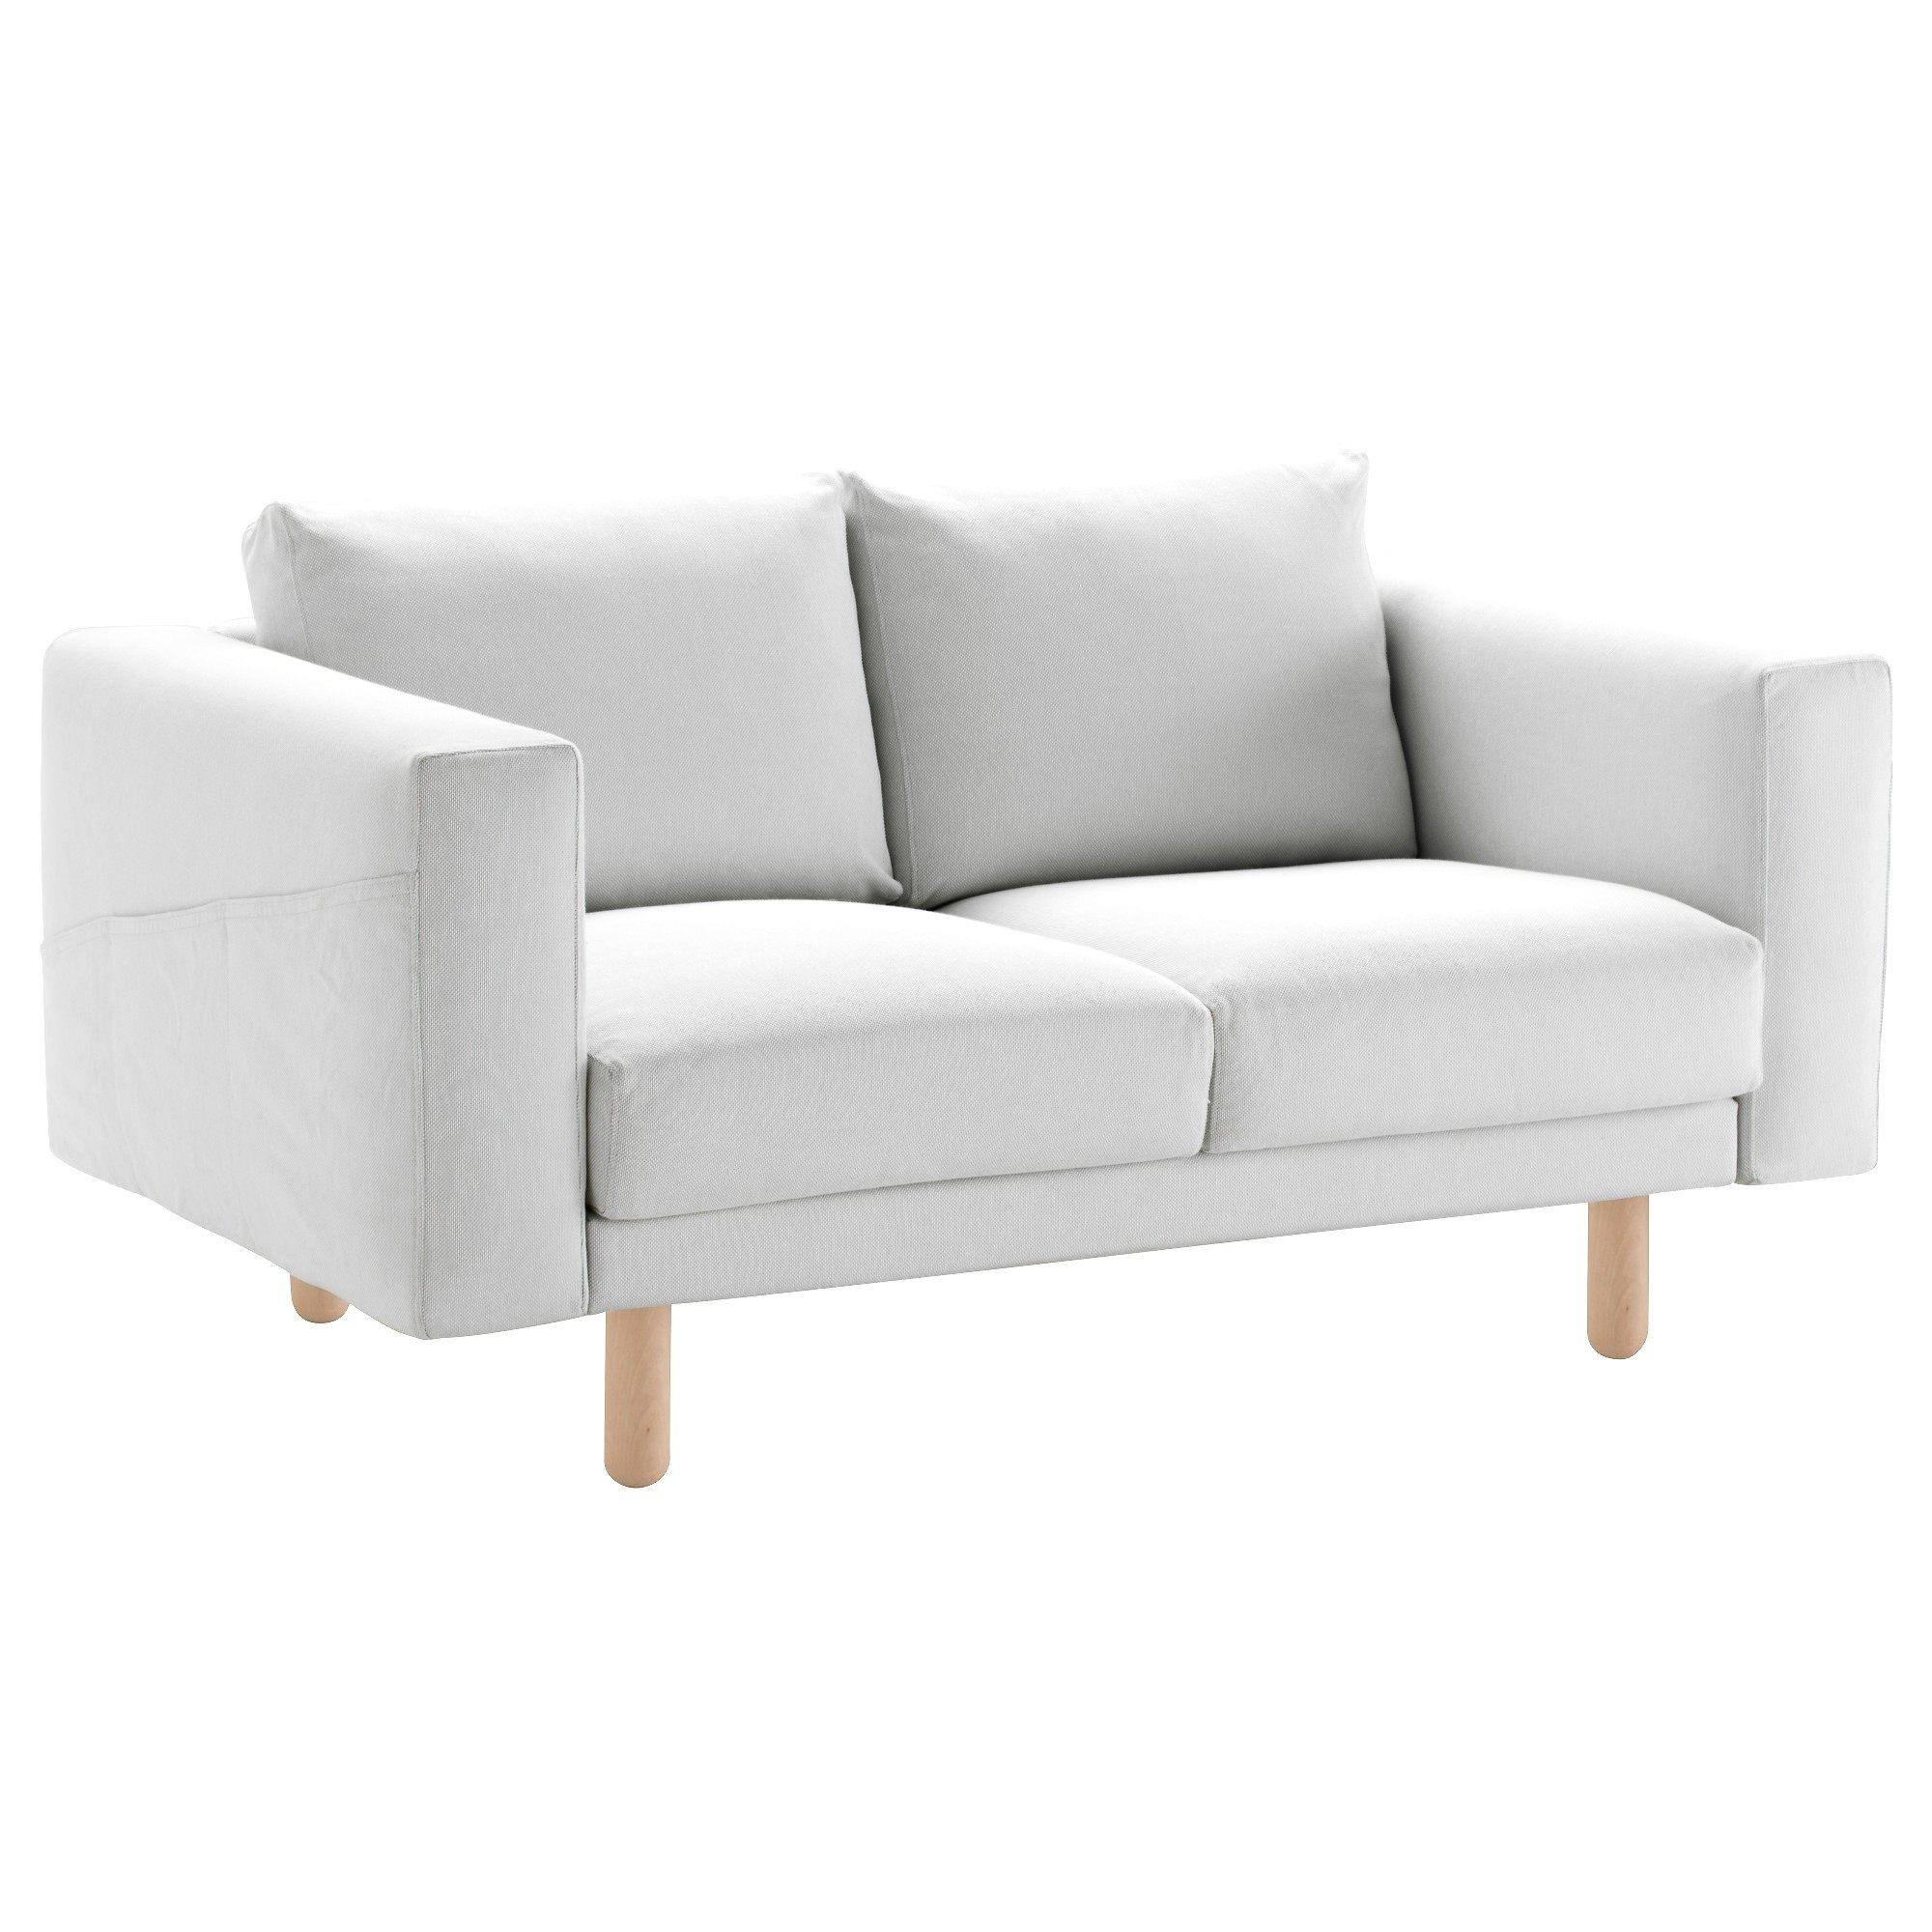 Ikea Lit Canape Agréable Incroyable Canapes Lits Sur Banquette Lit Futon Frais Coussin Futon